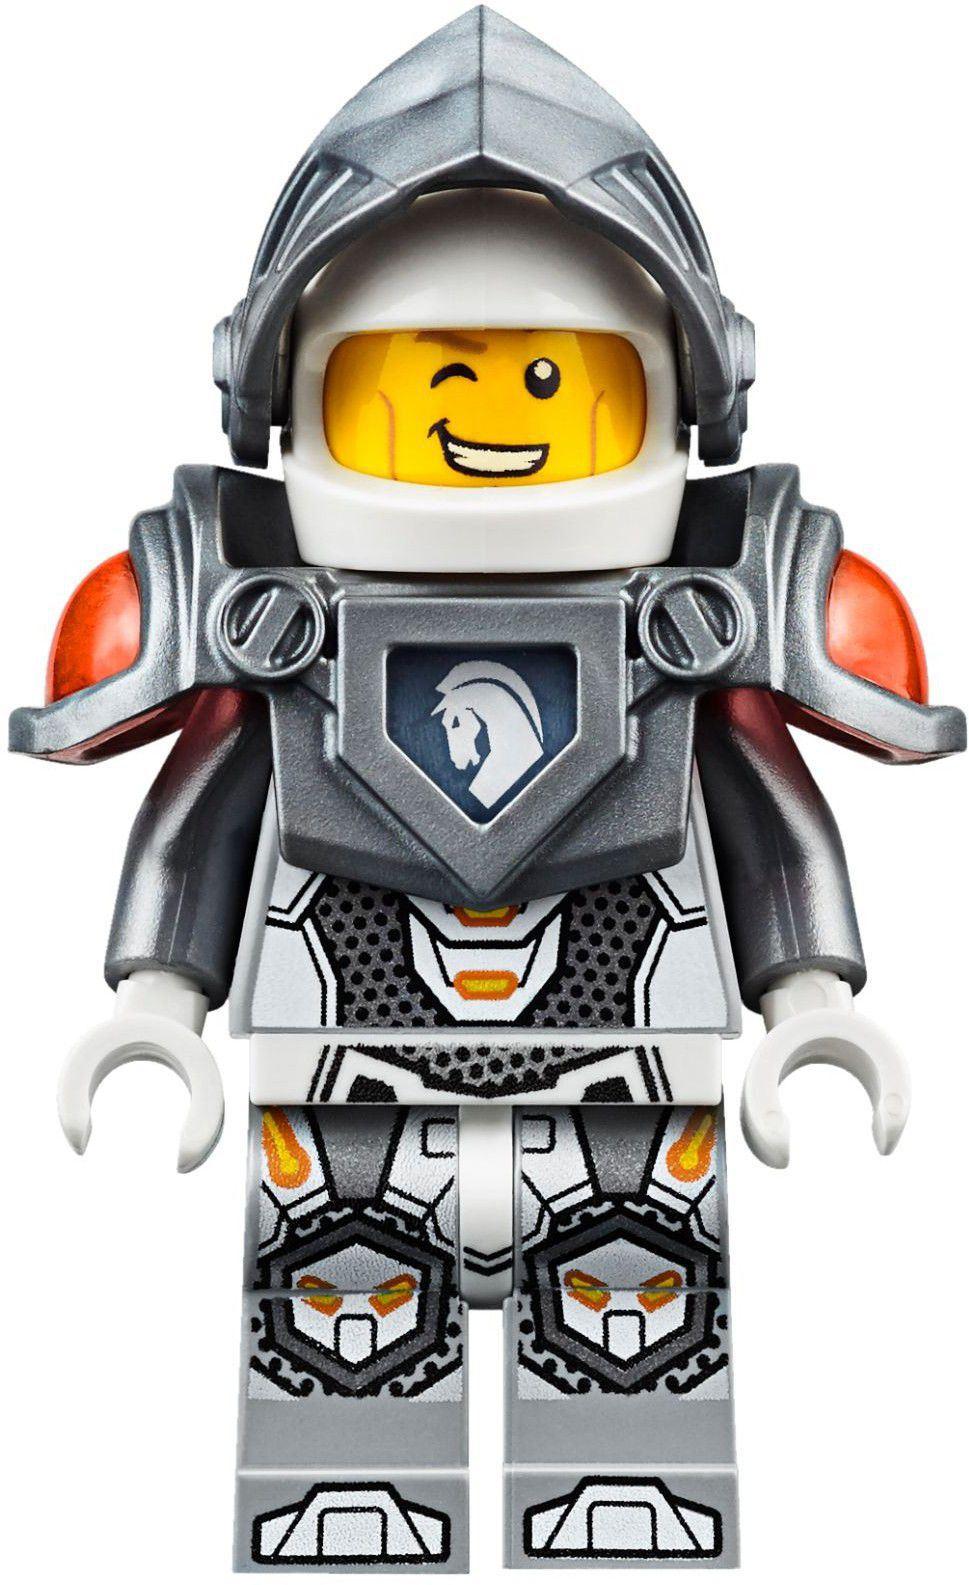 LEGO Nexo Knights 70323 Jestro S Vulkaanbasis kopen? Olgo.nl ...